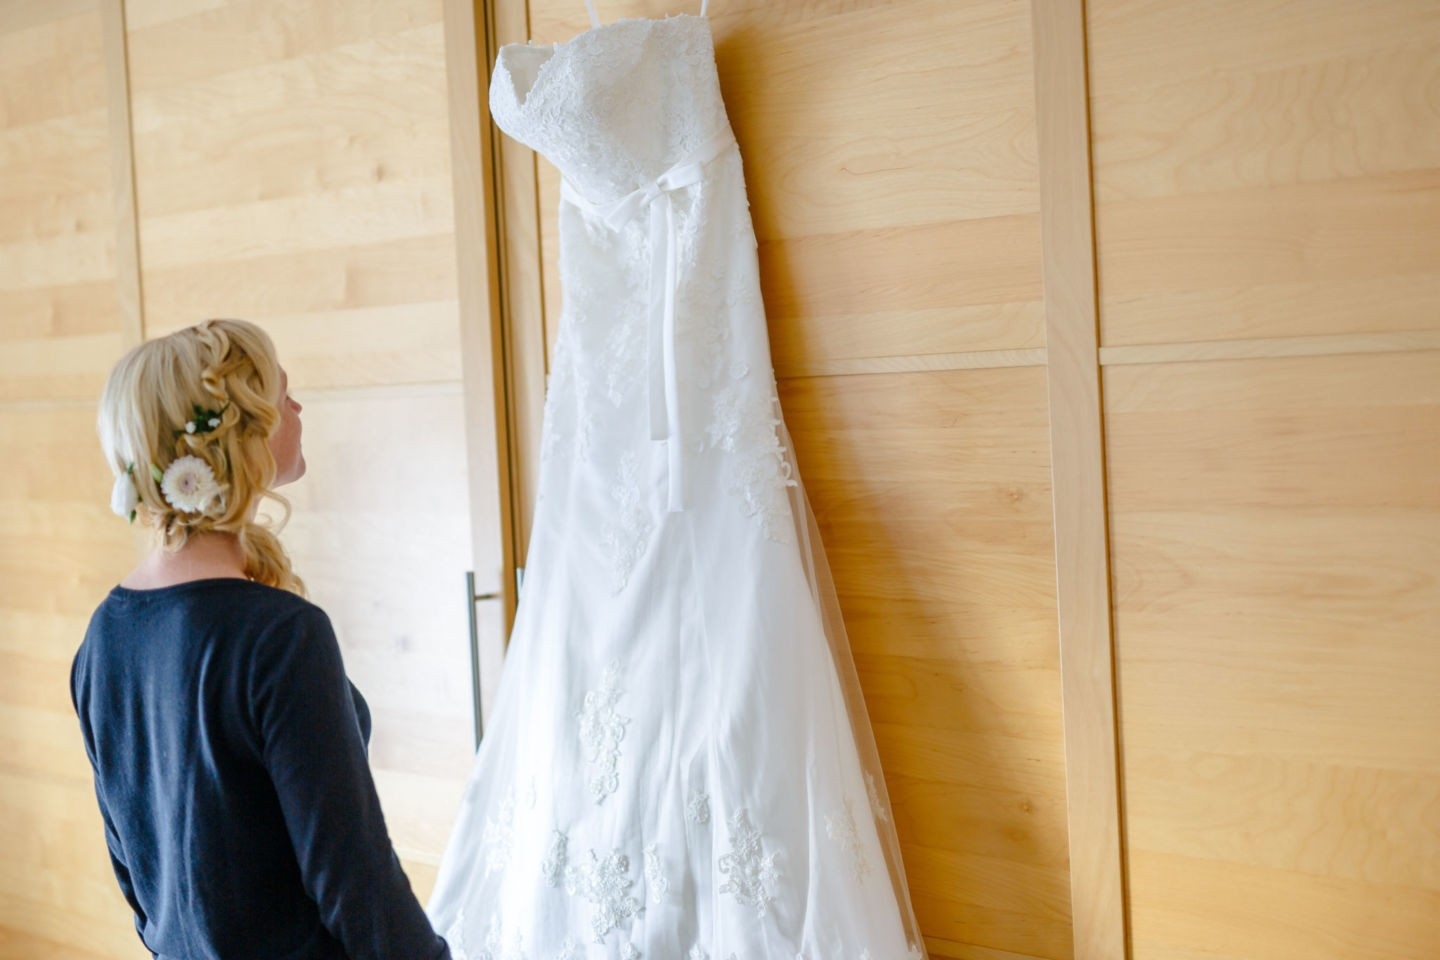 Das Brautkleid hängt am Schrank und die Braut sieht es sich sehnsuchtsvoll an